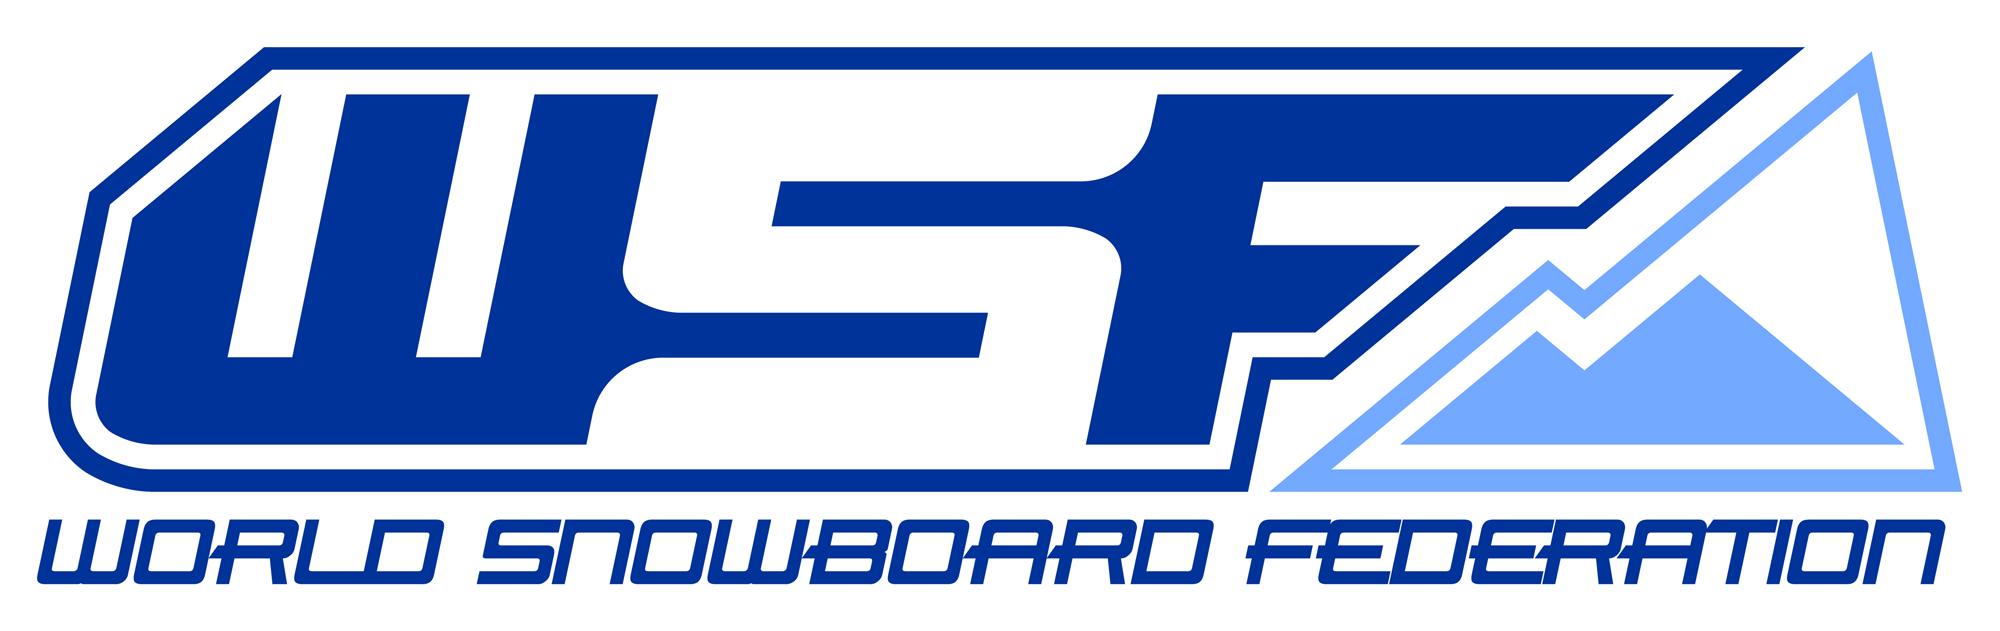 No próximo fim de semana, as cabeças que coordenam o desenvolvimento cultural e técnico do snowboard estarão reunidos na belíssima cidade de Prague (CZE) para realizar o meeting anual, que serve de marco para encerrar...